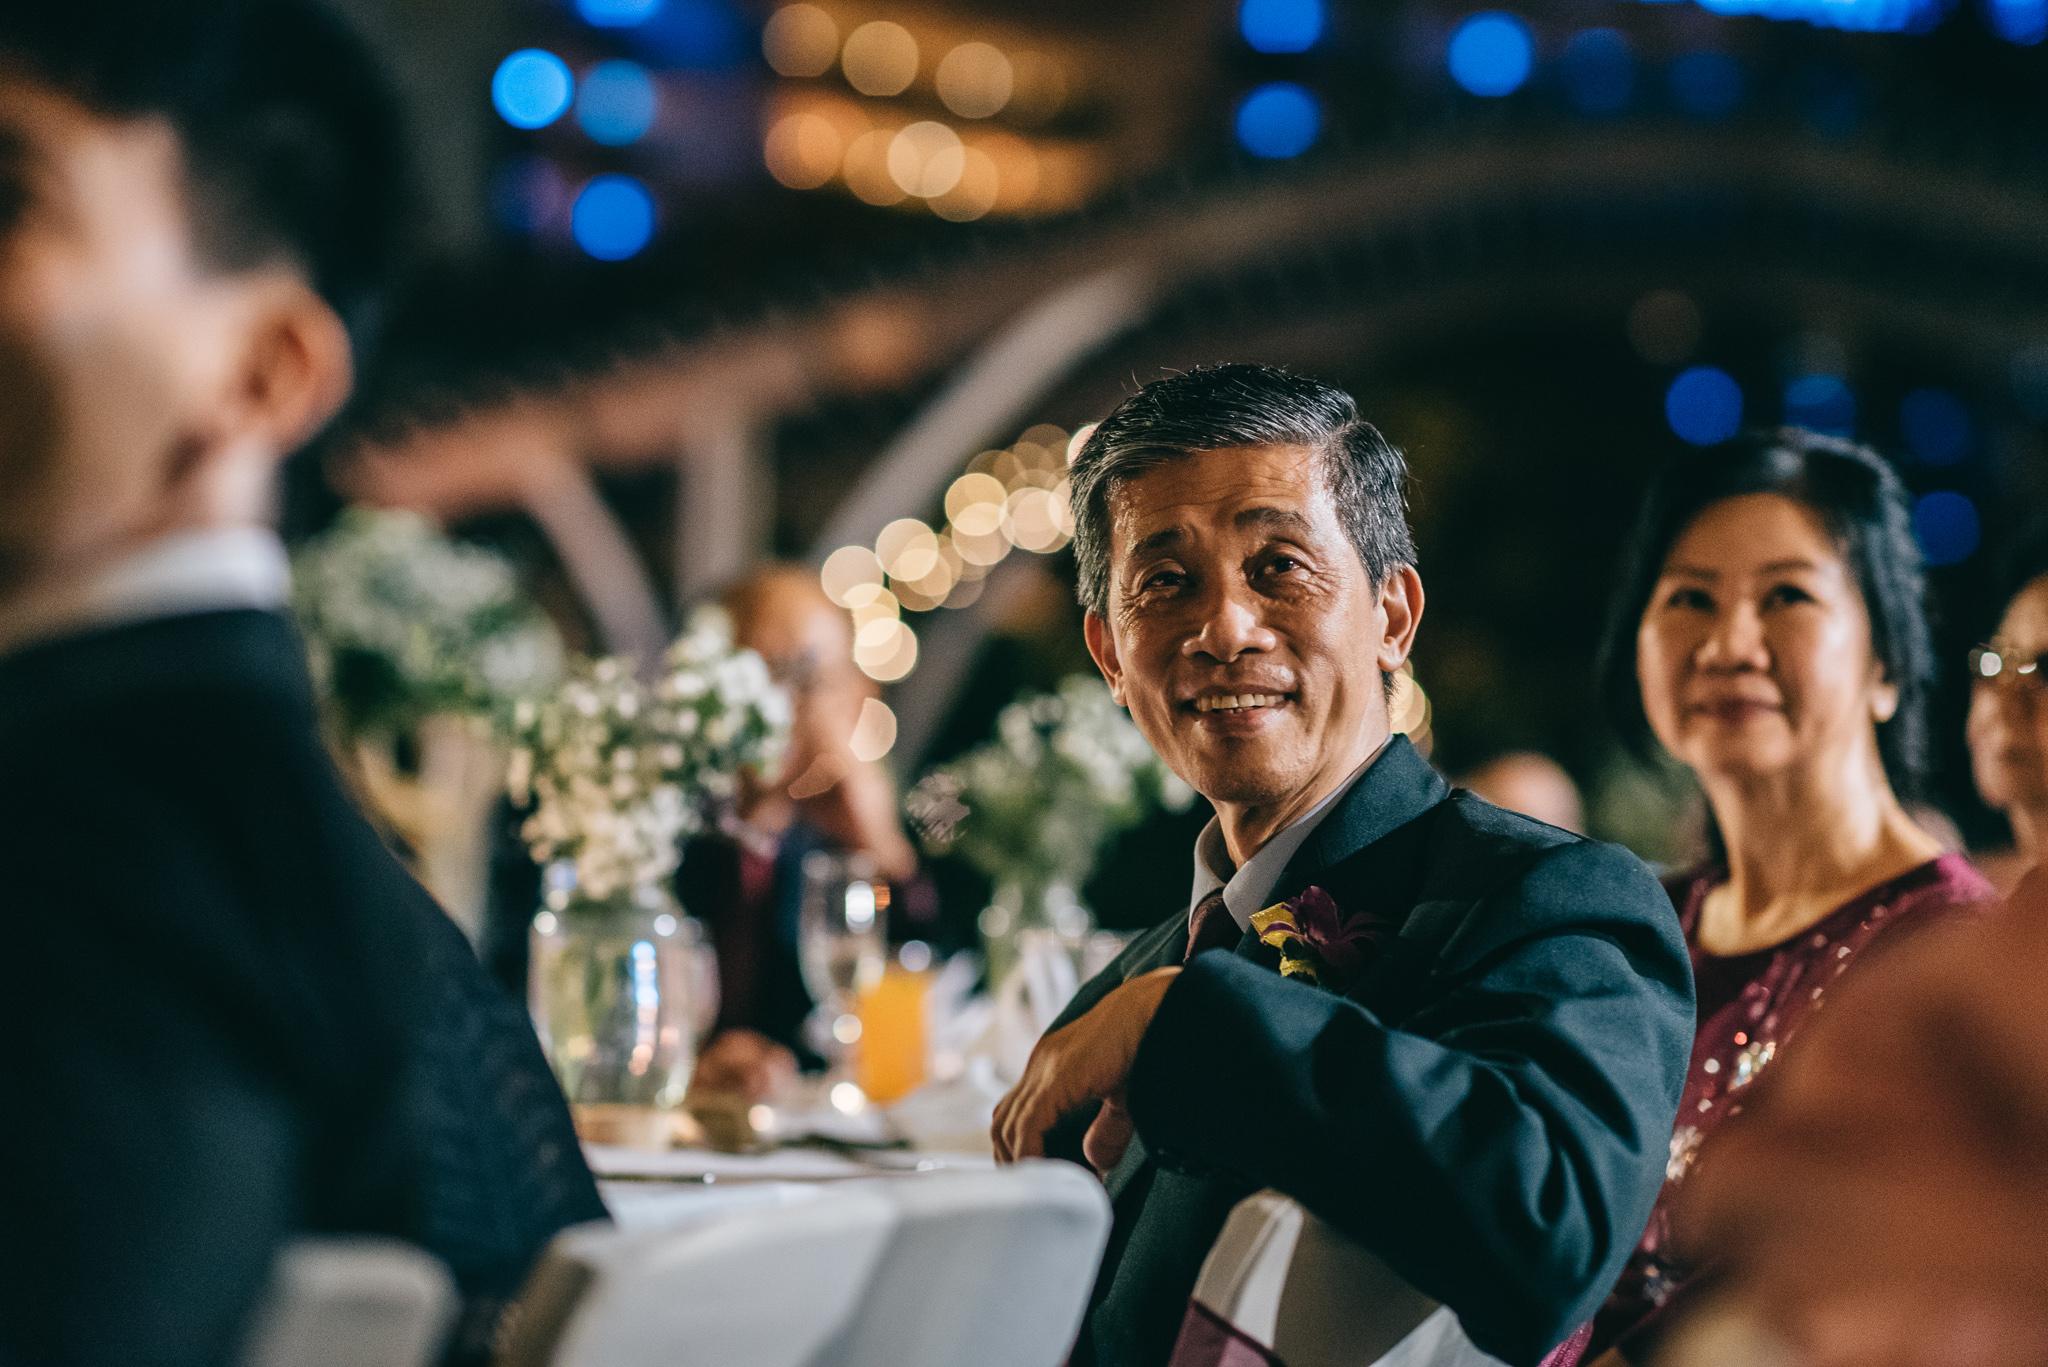 Lionel & Karen Wedding Day Highlights (resized for sharing) - 177.jpg